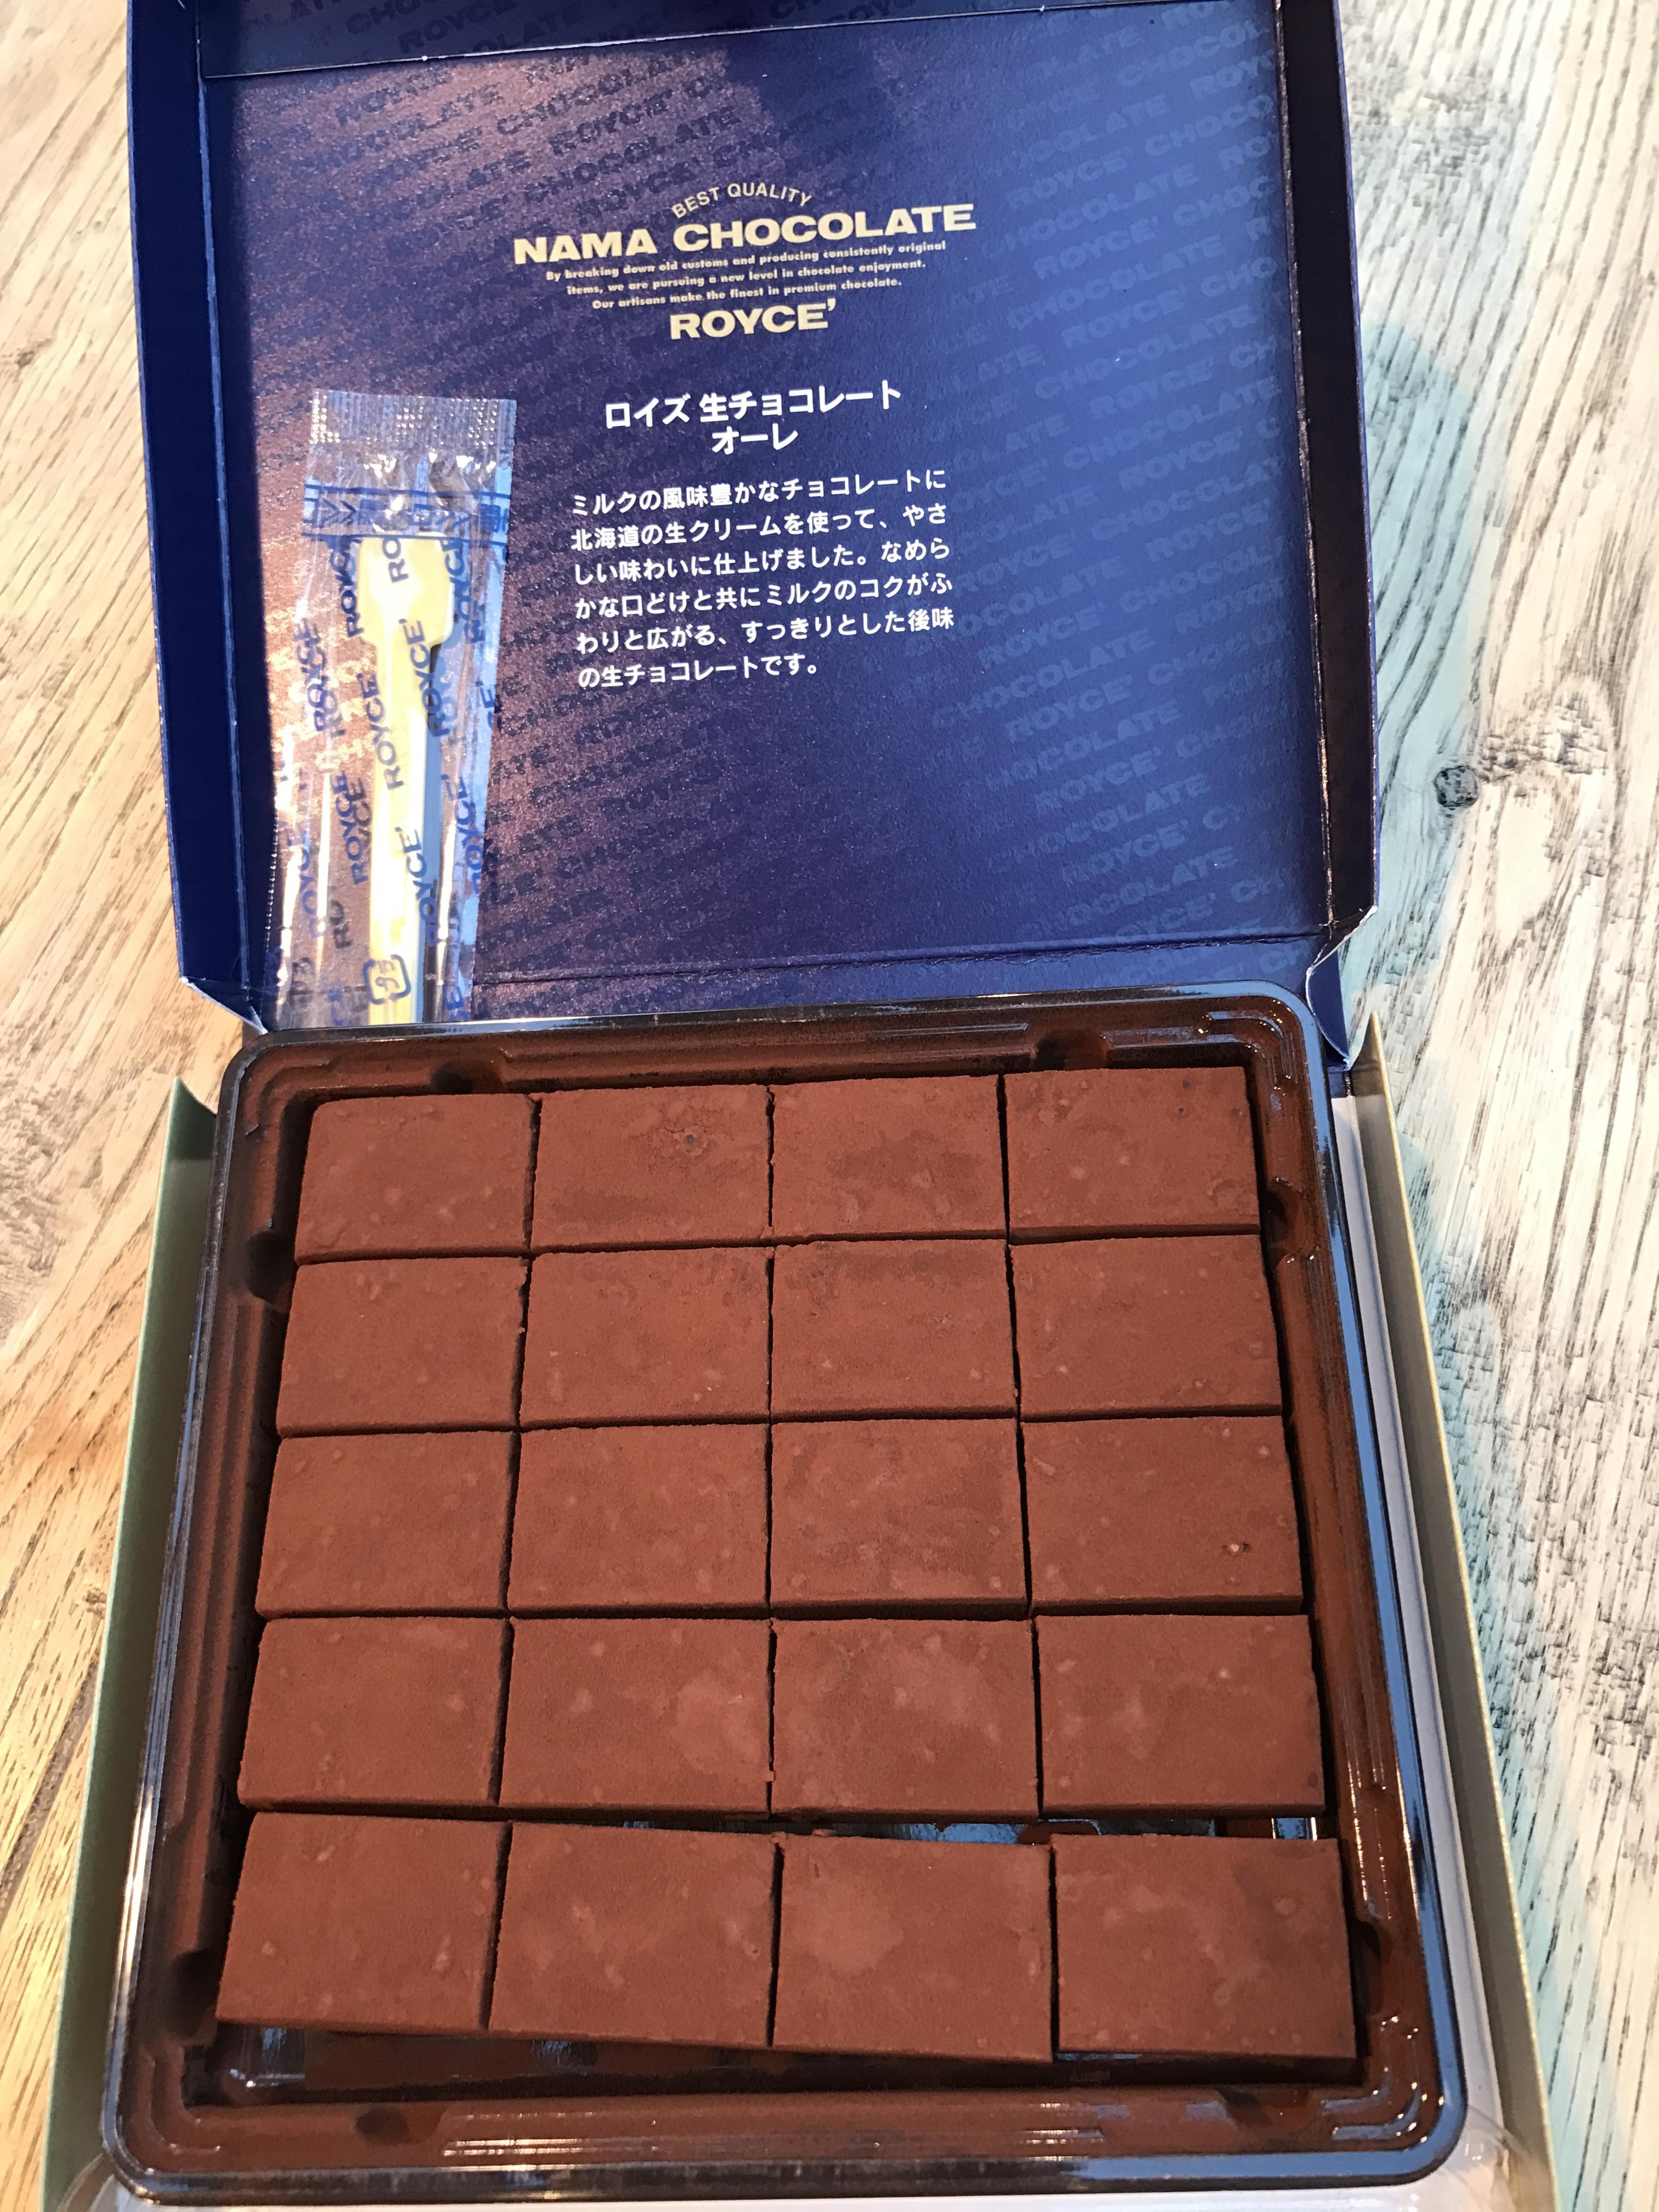 Mua gì ở Nhật và Hàn Quốc? - Page 2 Royce_chocolate